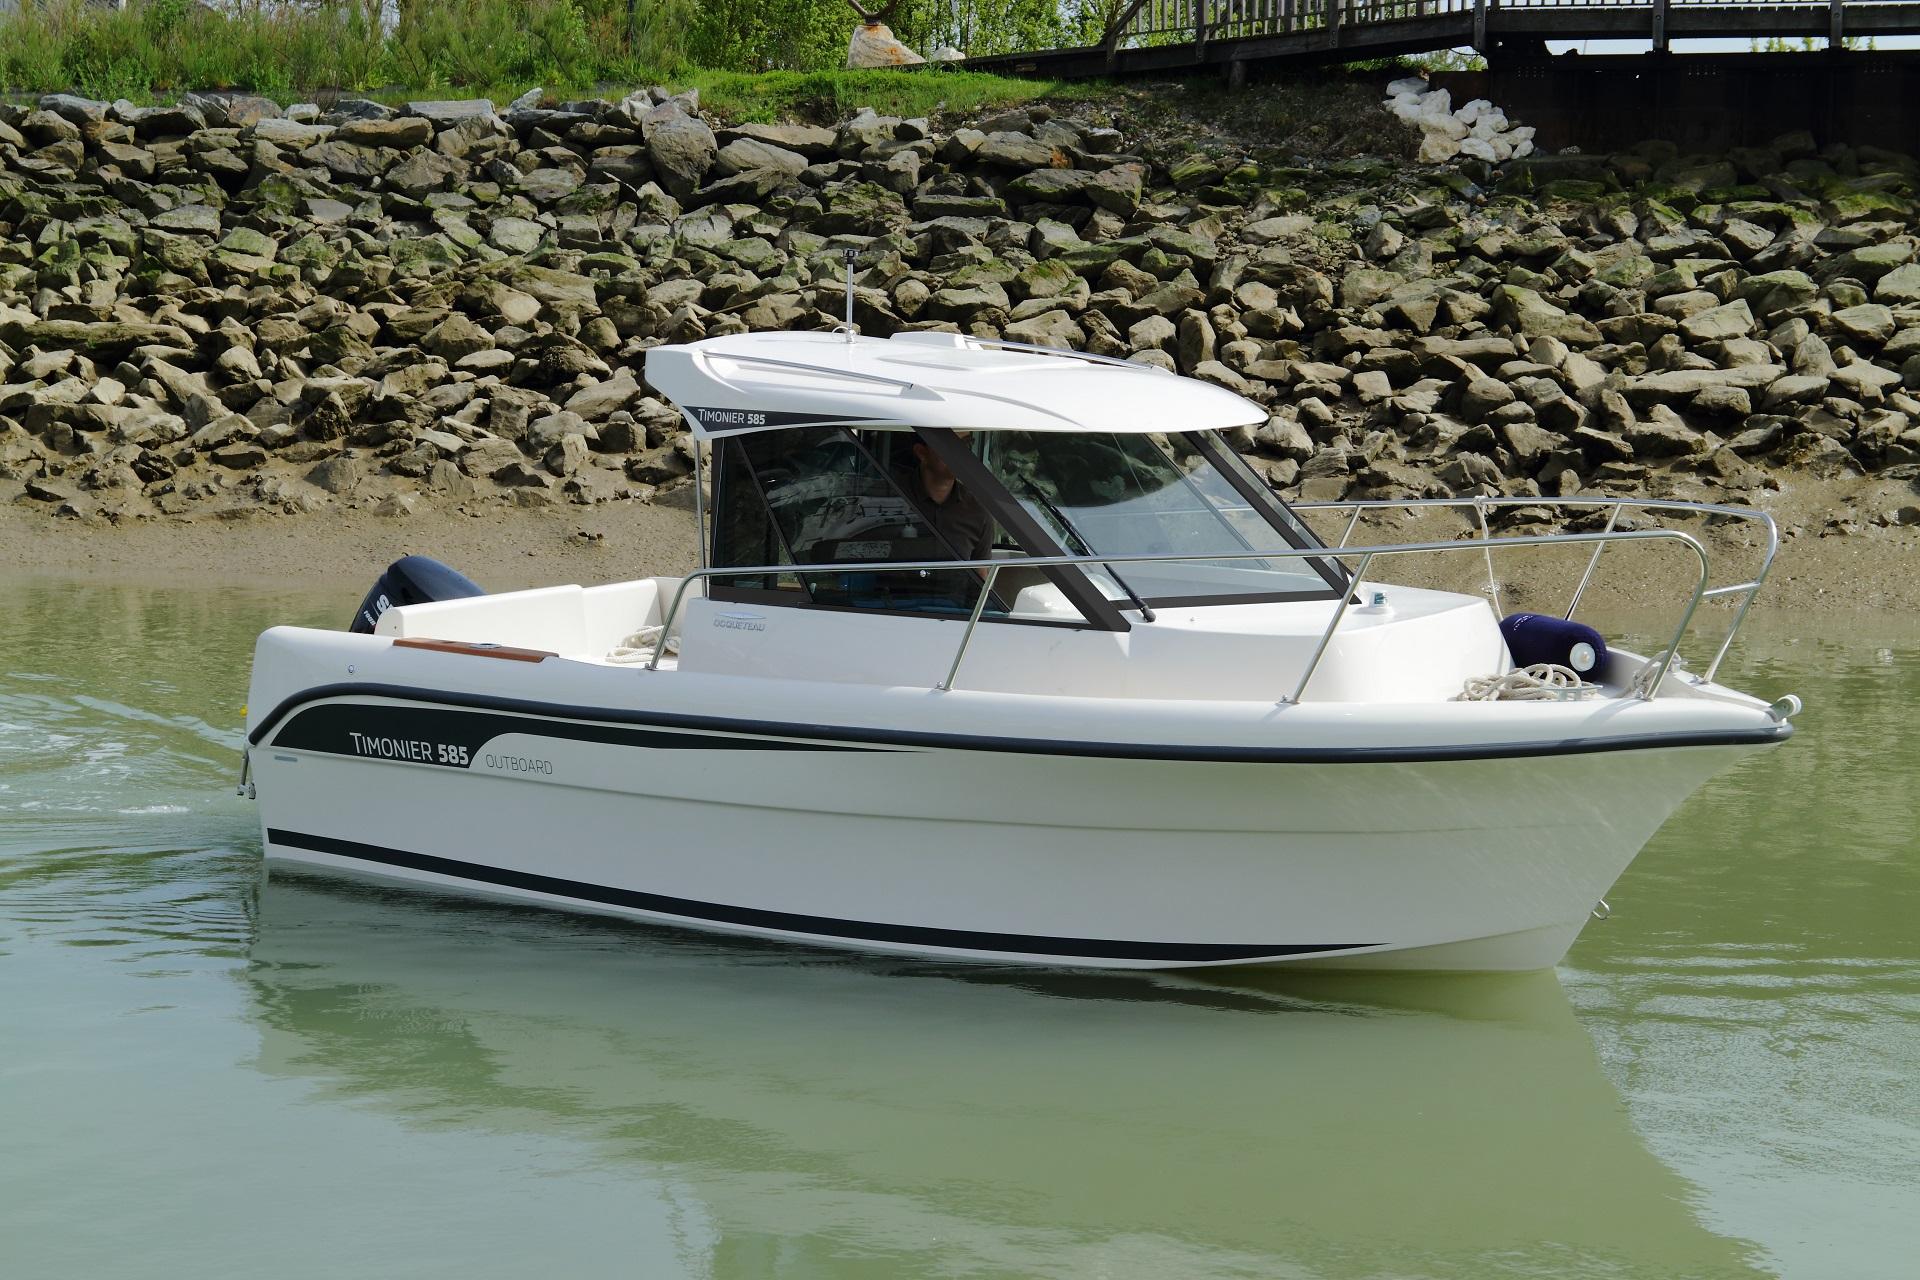 bateau  u00e0 moteur ocqueteau timonier 585